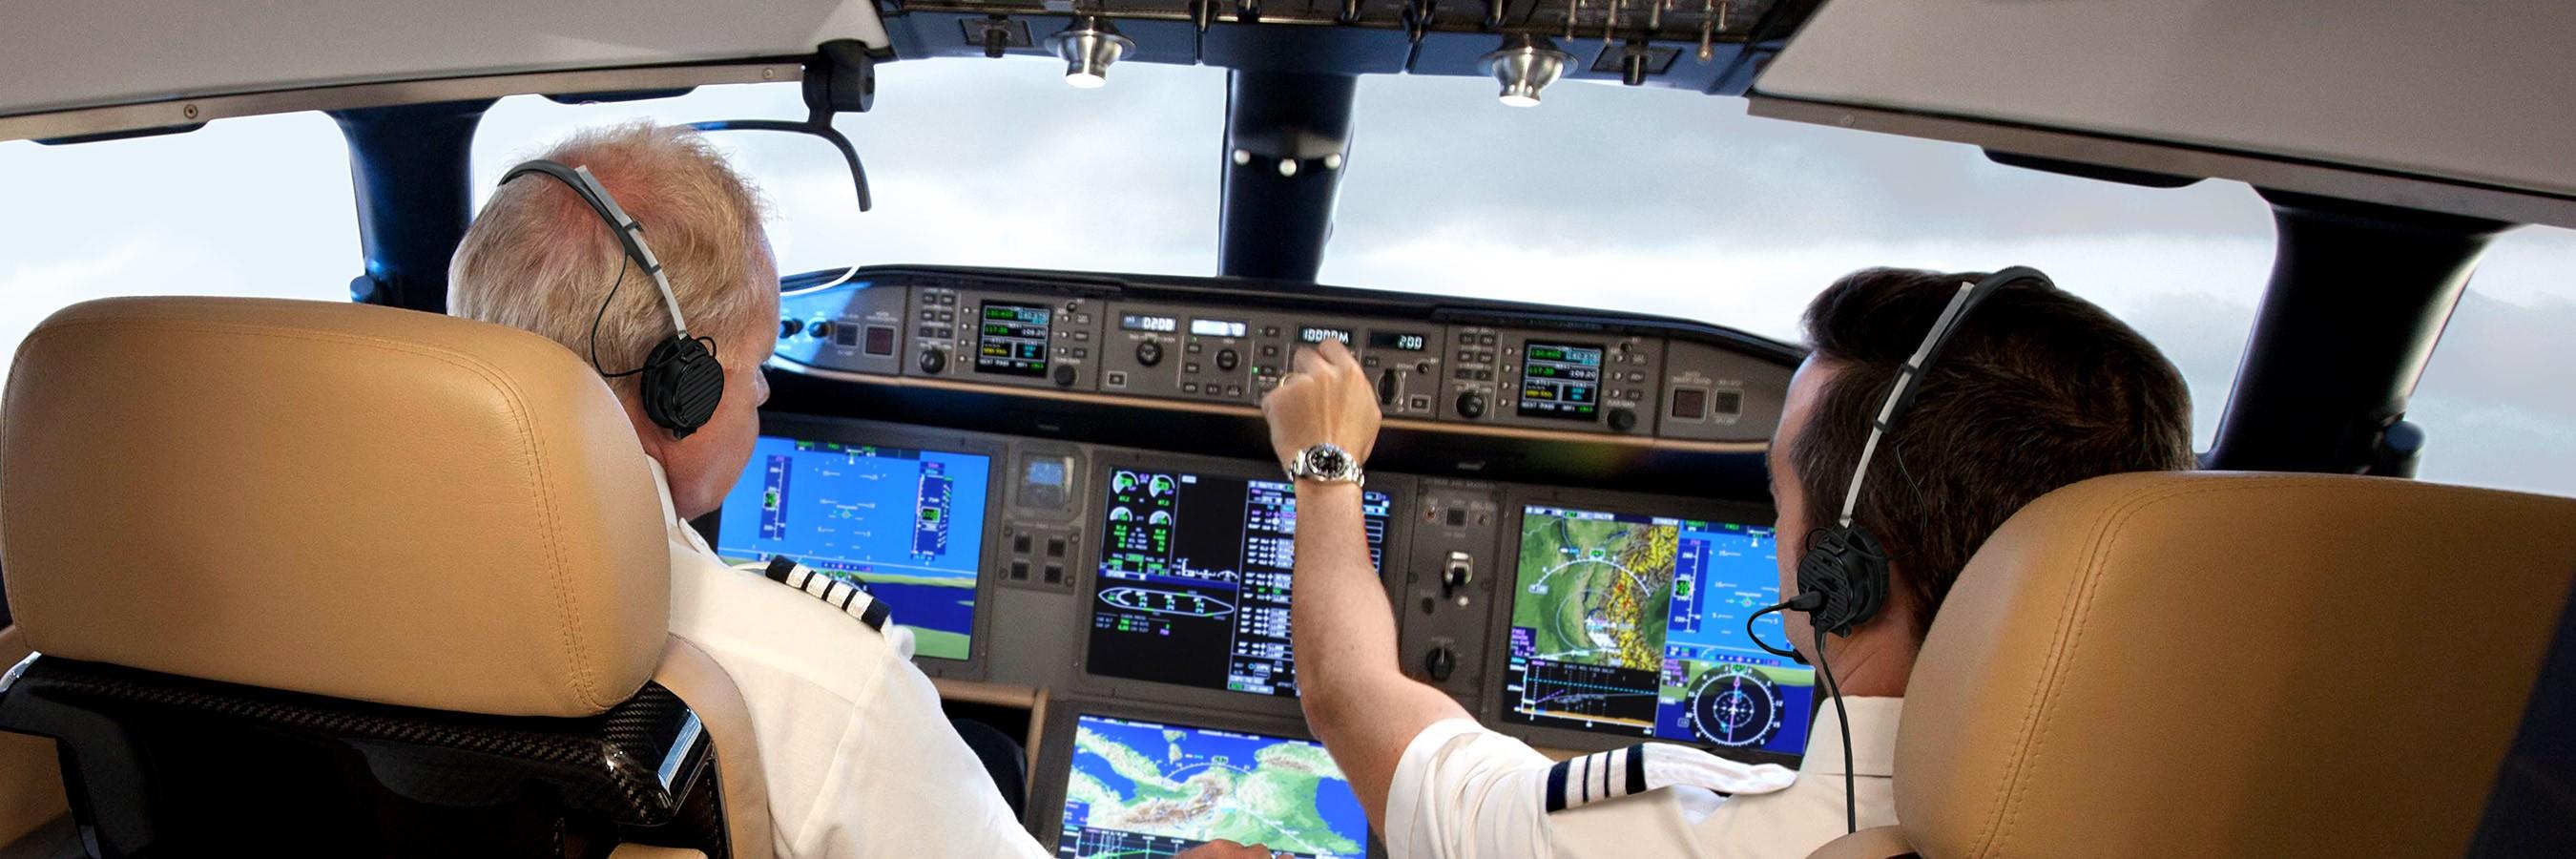 Global 8000 cockpit